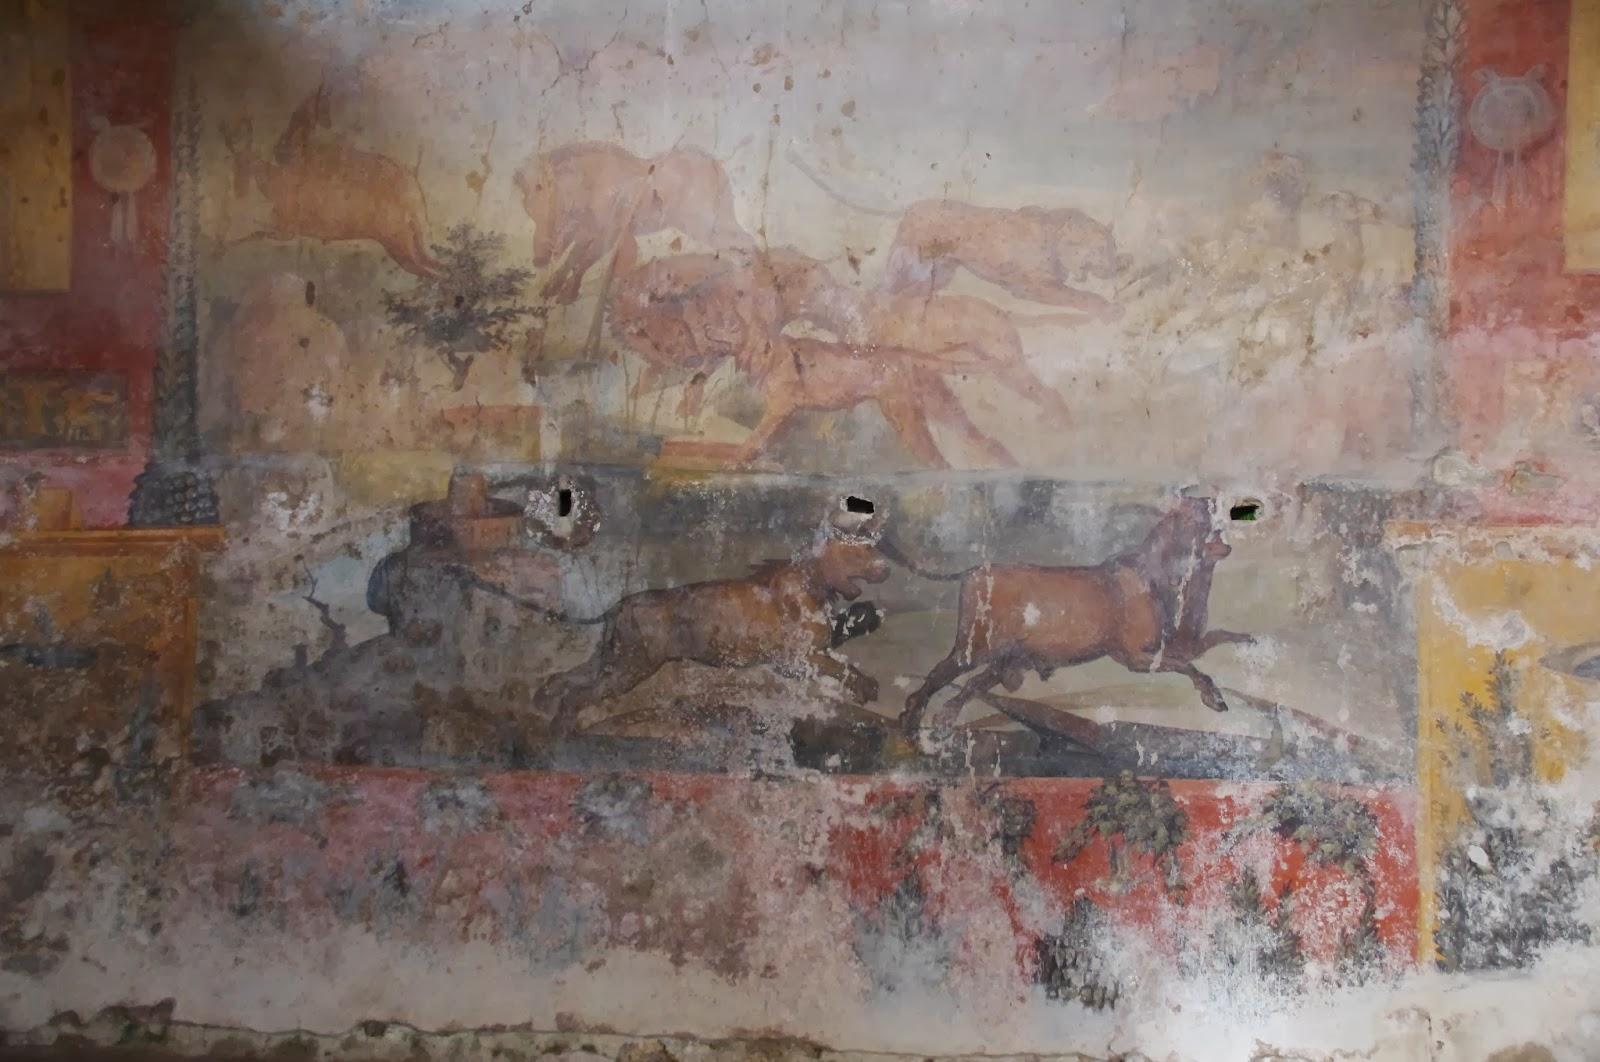 Археологи отреставрировали древнеримскую фреску с помощью лазера